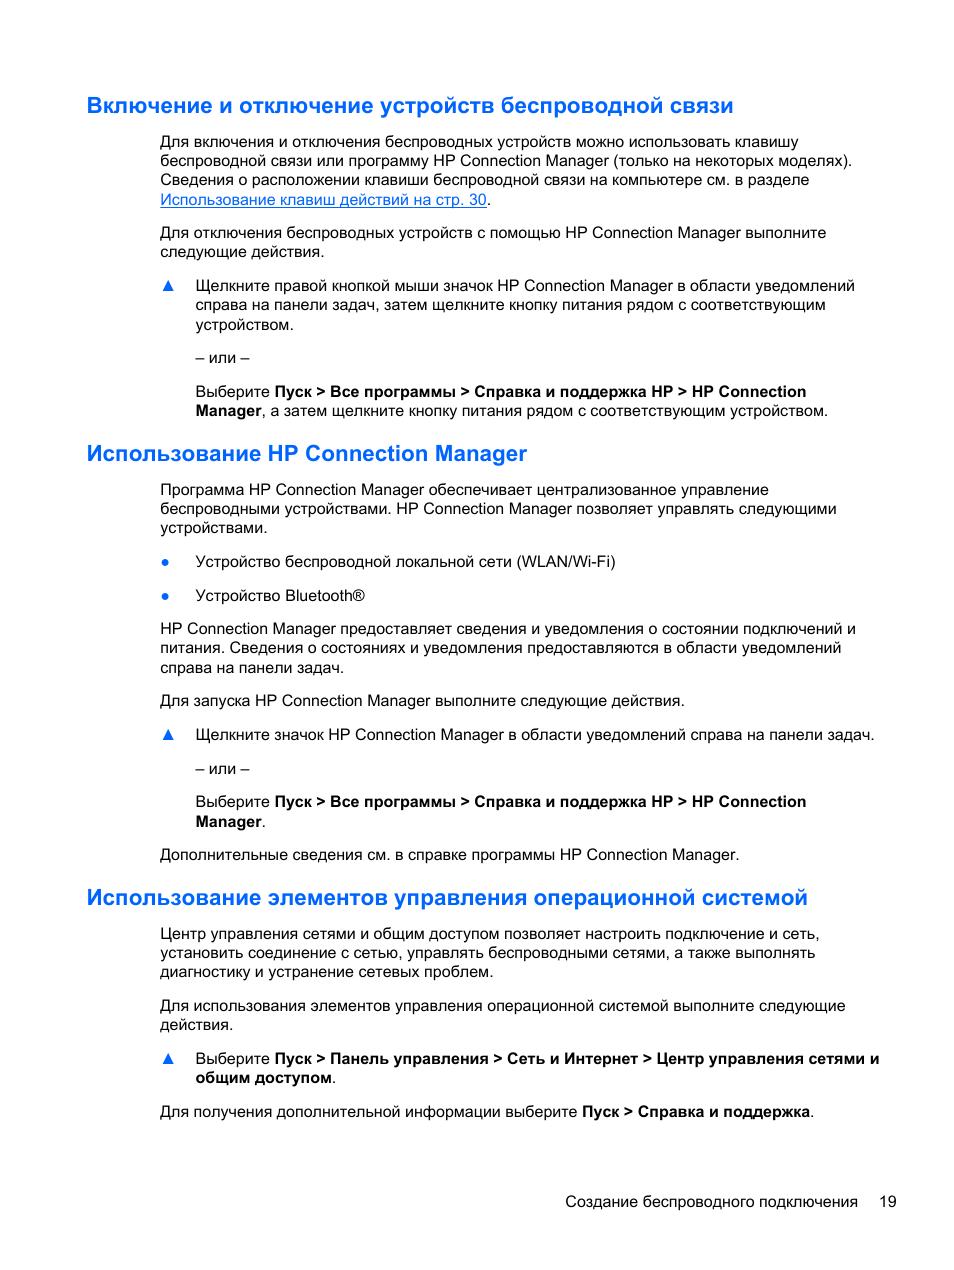 Использование hp connection manager | Инструкция по